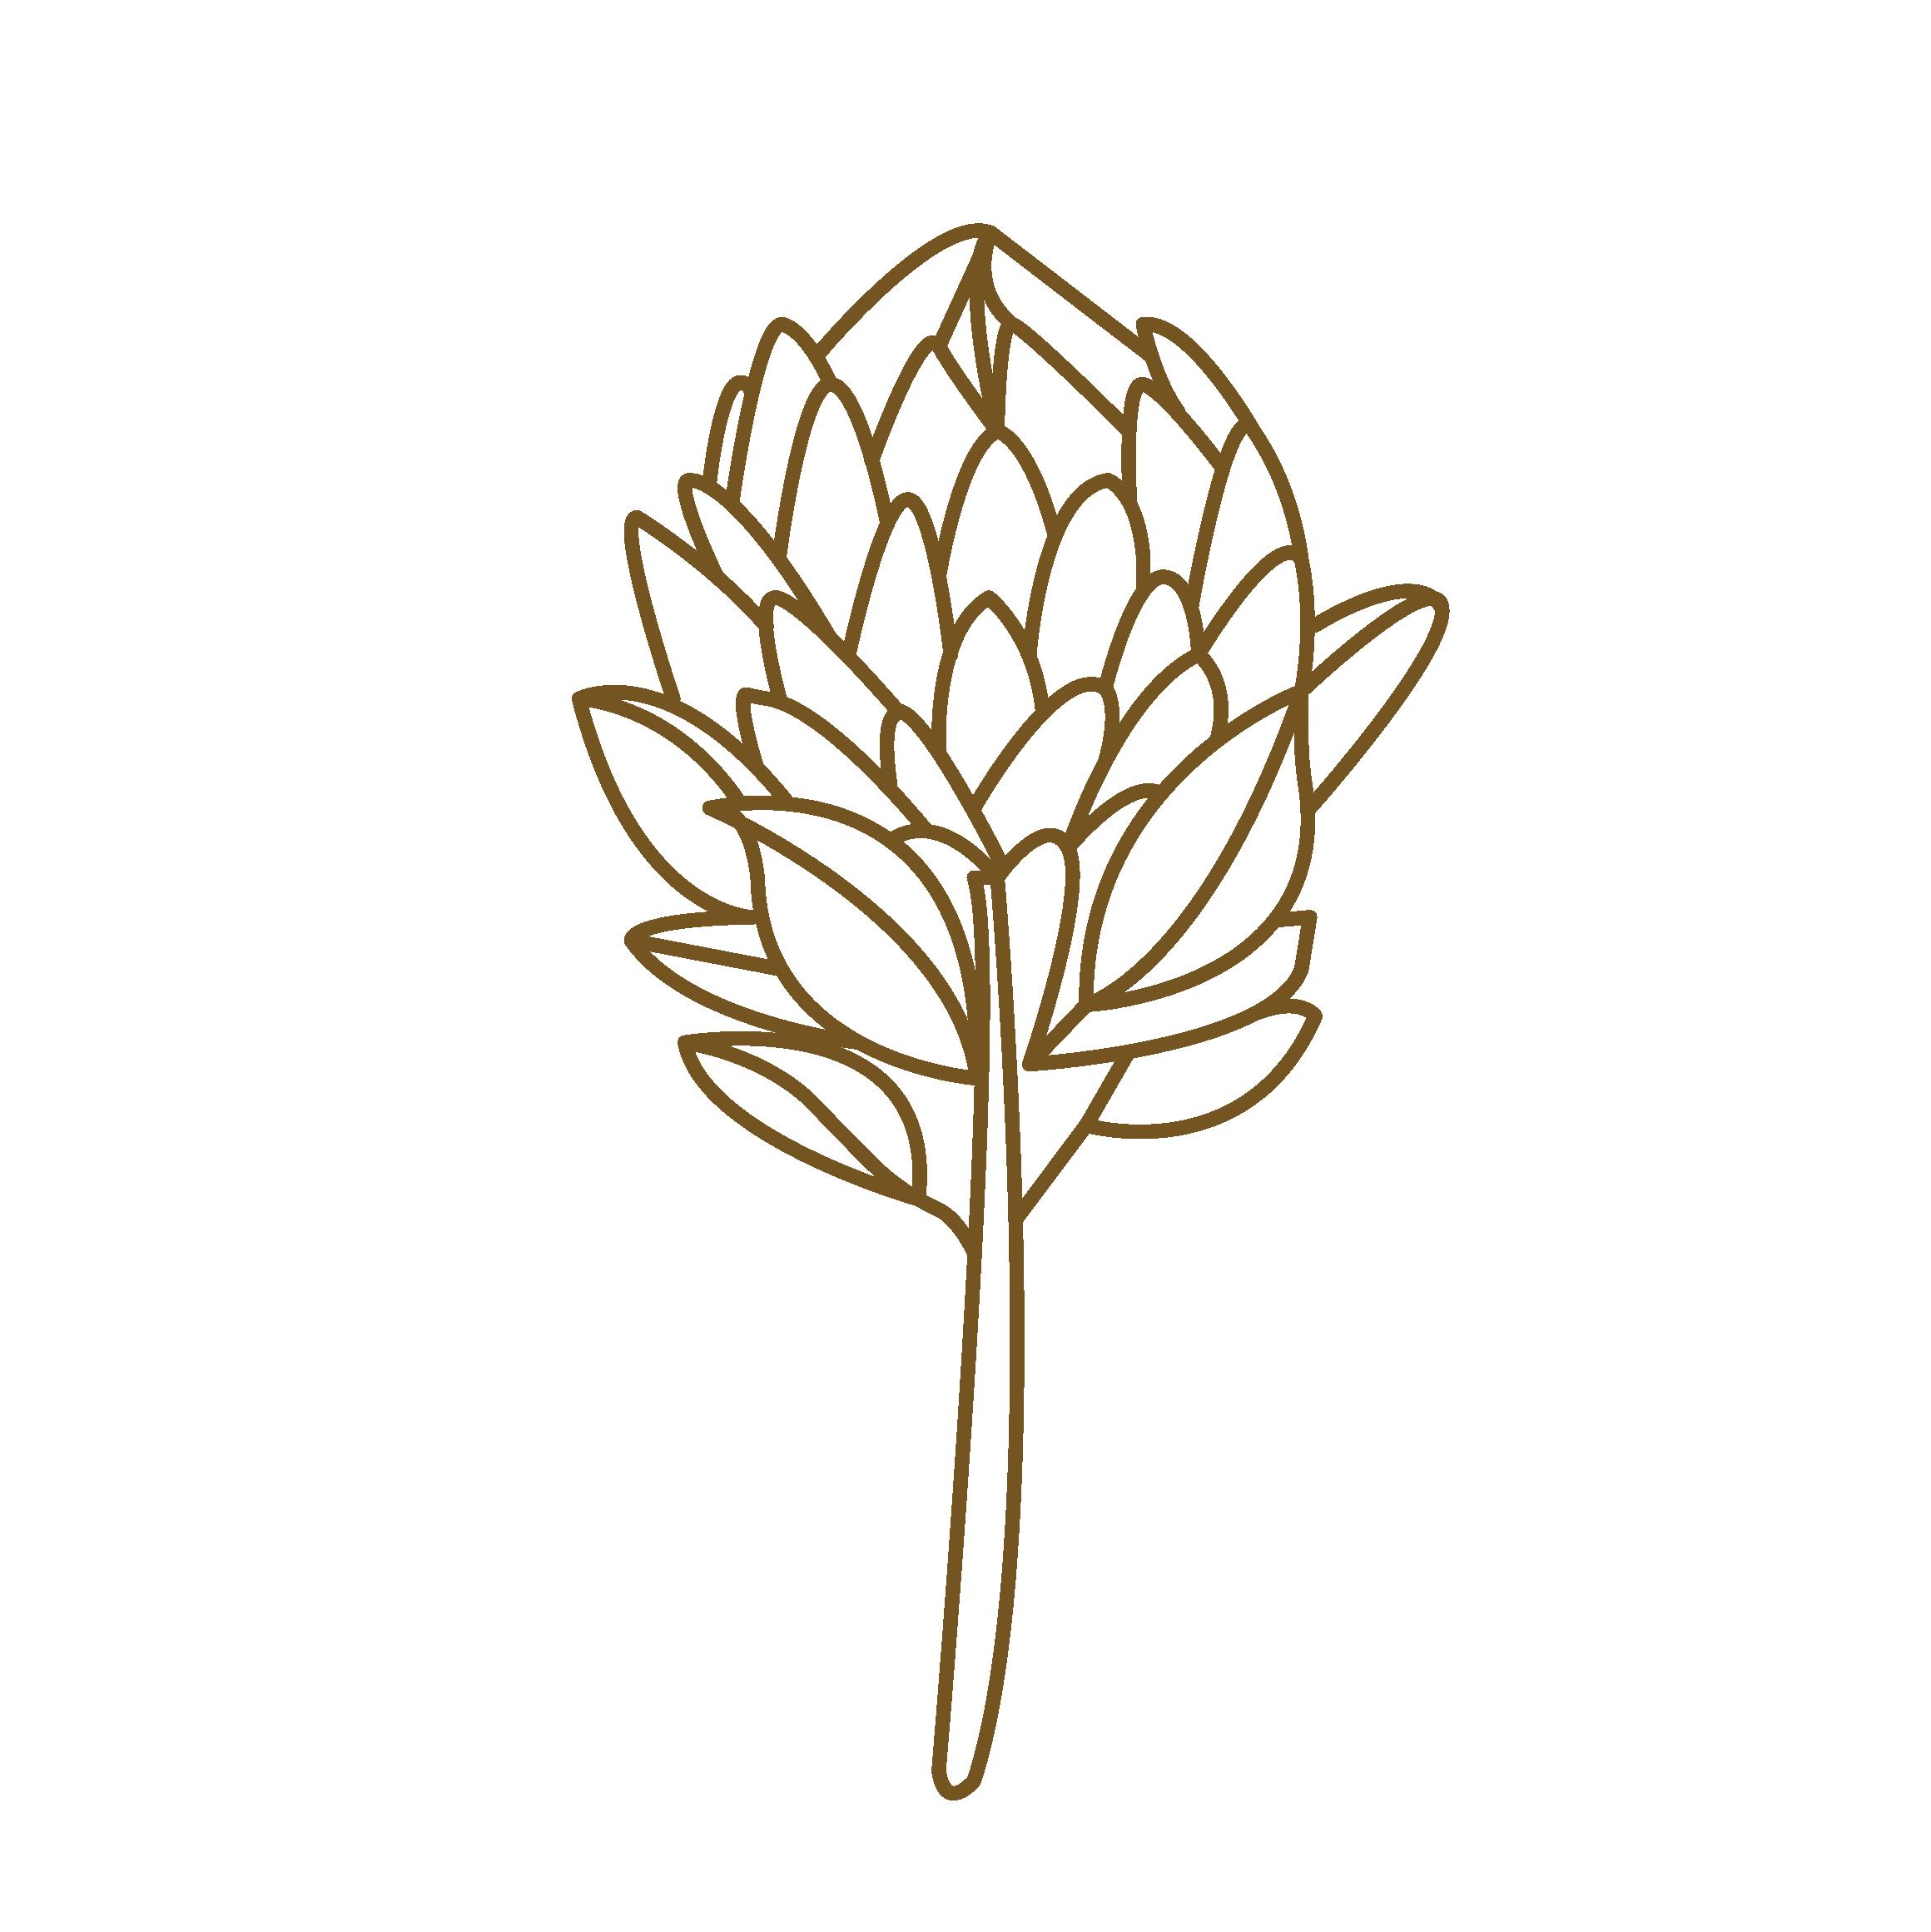 TheGodard's_InstaStories-40 crop.png